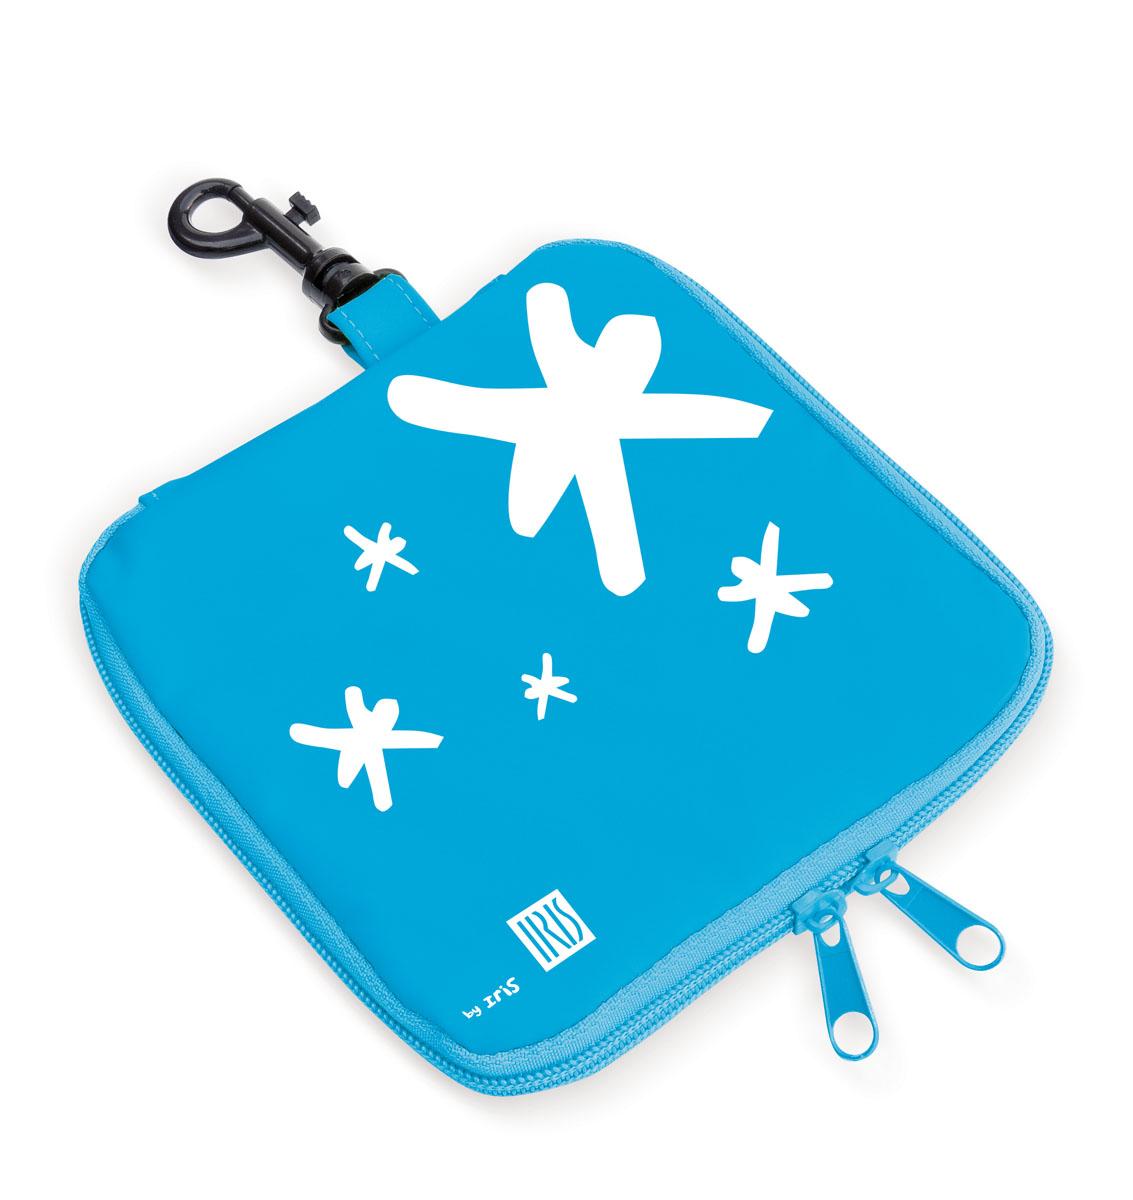 Термобутербродница мягкая Iris Barcelona Kids, цвет: голубой, 16 х 16 смVT-1520(SR)Мягкая термобутербродница Iris Barcelona Kids идеально подходит, чтобы взять в школу, на прогулку или в поездку. В течение нескольких часов сохранит еду свежей и вкусной благодаря специальному внутреннему покрытию из теплоизолирующего материала. Специальный фиксирующий поясок не позволит бутерброду распасться.Безопасный пластмассовый карабин позволит легко пристегнуть бутербродницу к ранцу или сумке.Заменяет все одноразовые упаковки. При бережном использовании прослужит не один год.